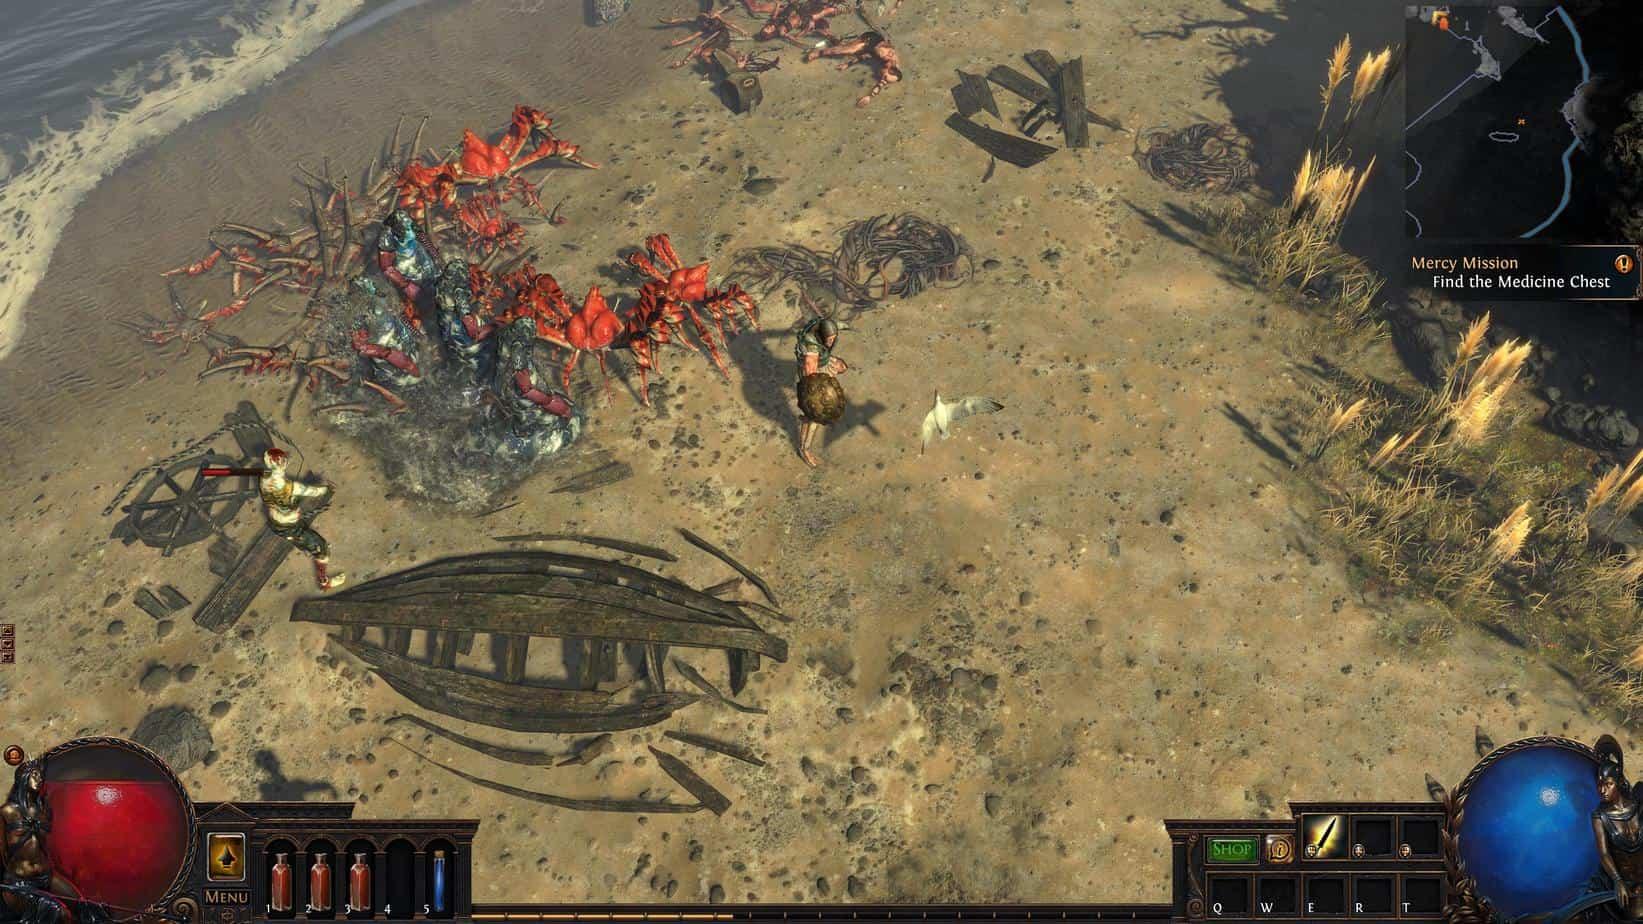 Path of Exile модель распространения игры